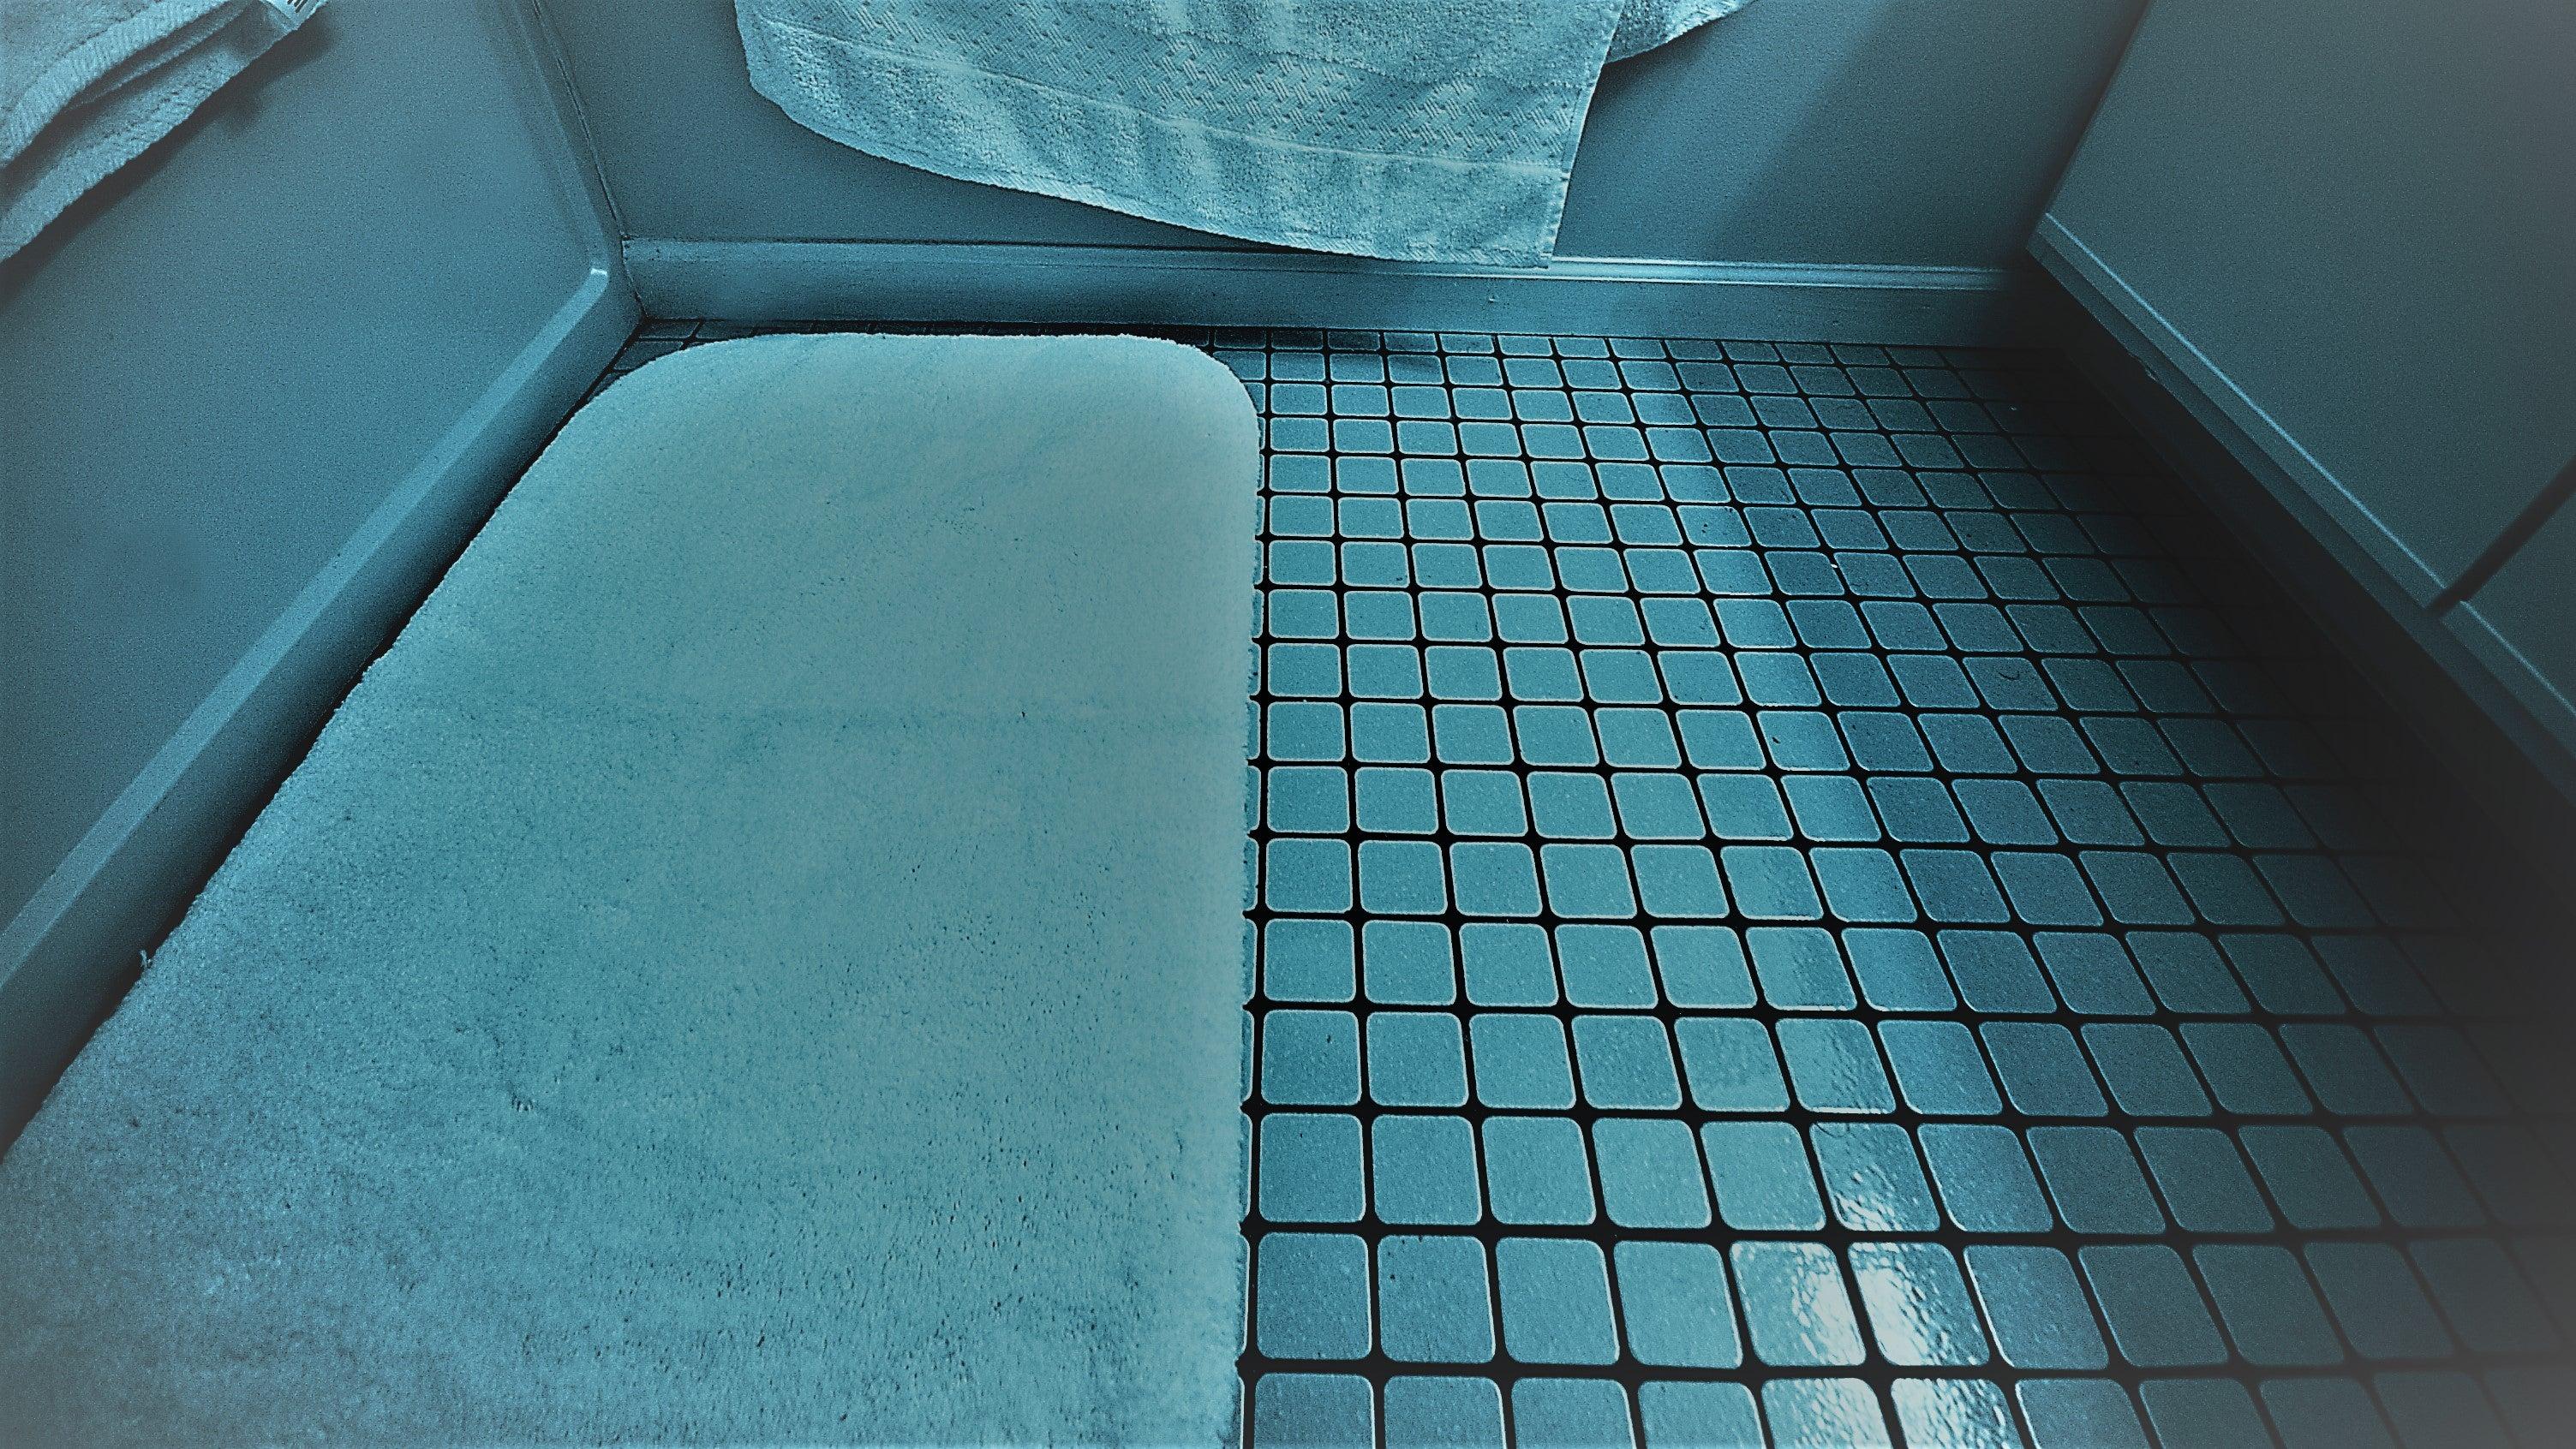 What Is Proper Bath Mat Etiquette?